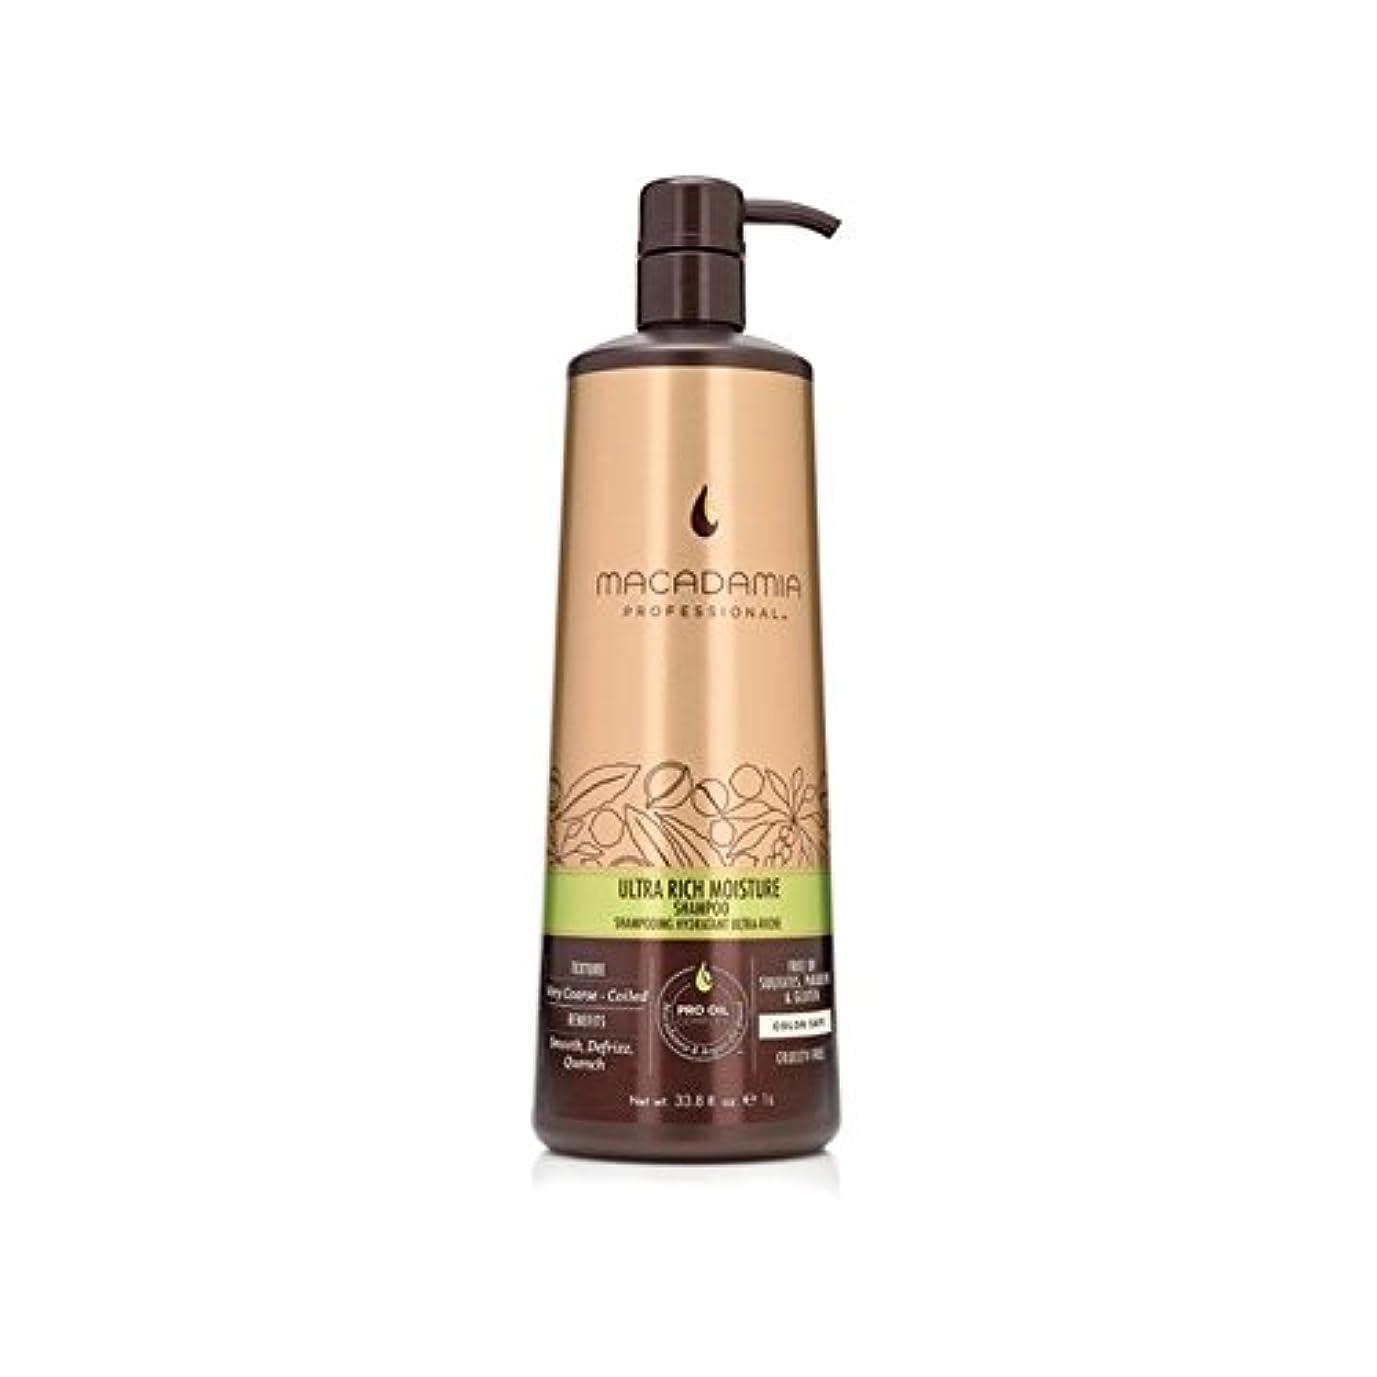 差別化する侵入薬用マカダミア超豊富な水分シャンプー(千ミリリットル) x2 - Macadamia Ultra Rich Moisture Shampoo (1000ml) (Pack of 2) [並行輸入品]